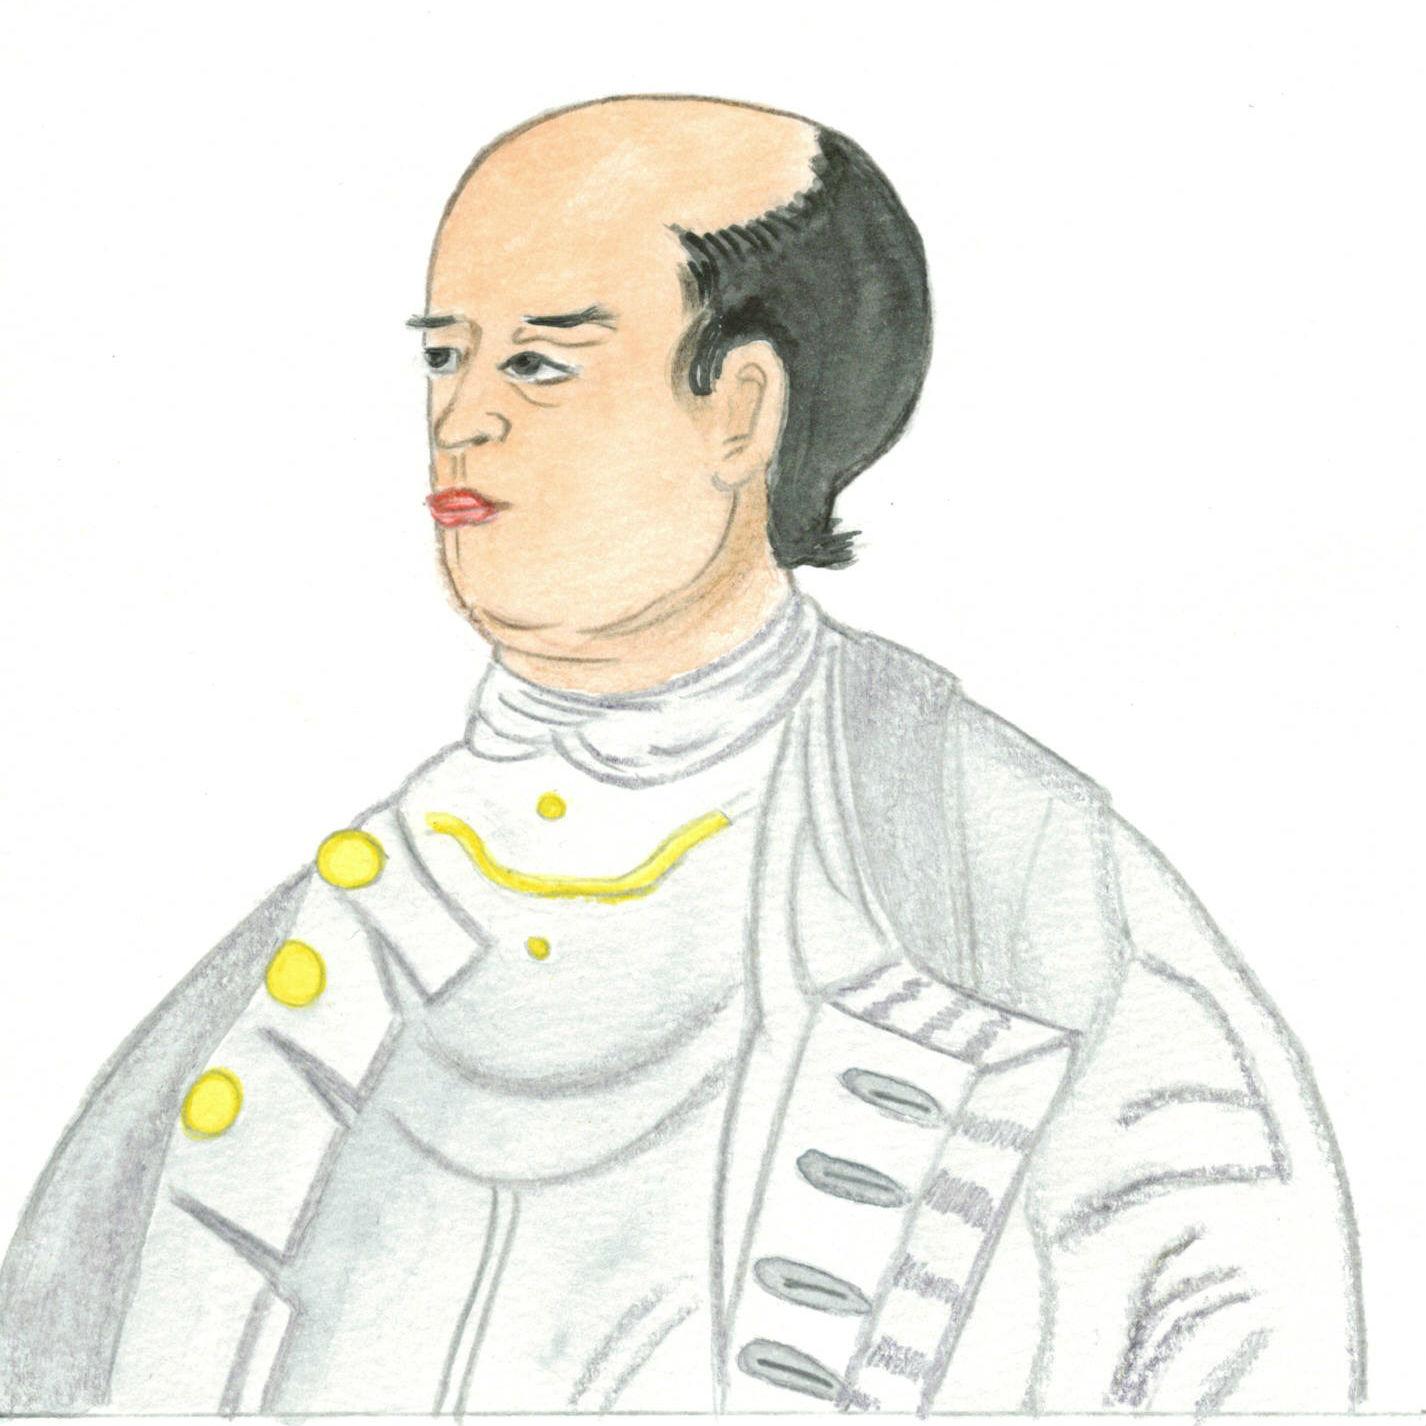 """山田長政はシャム国王に暗殺されたのか? """"利益を得たのは誰か""""に注目し捜査する"""